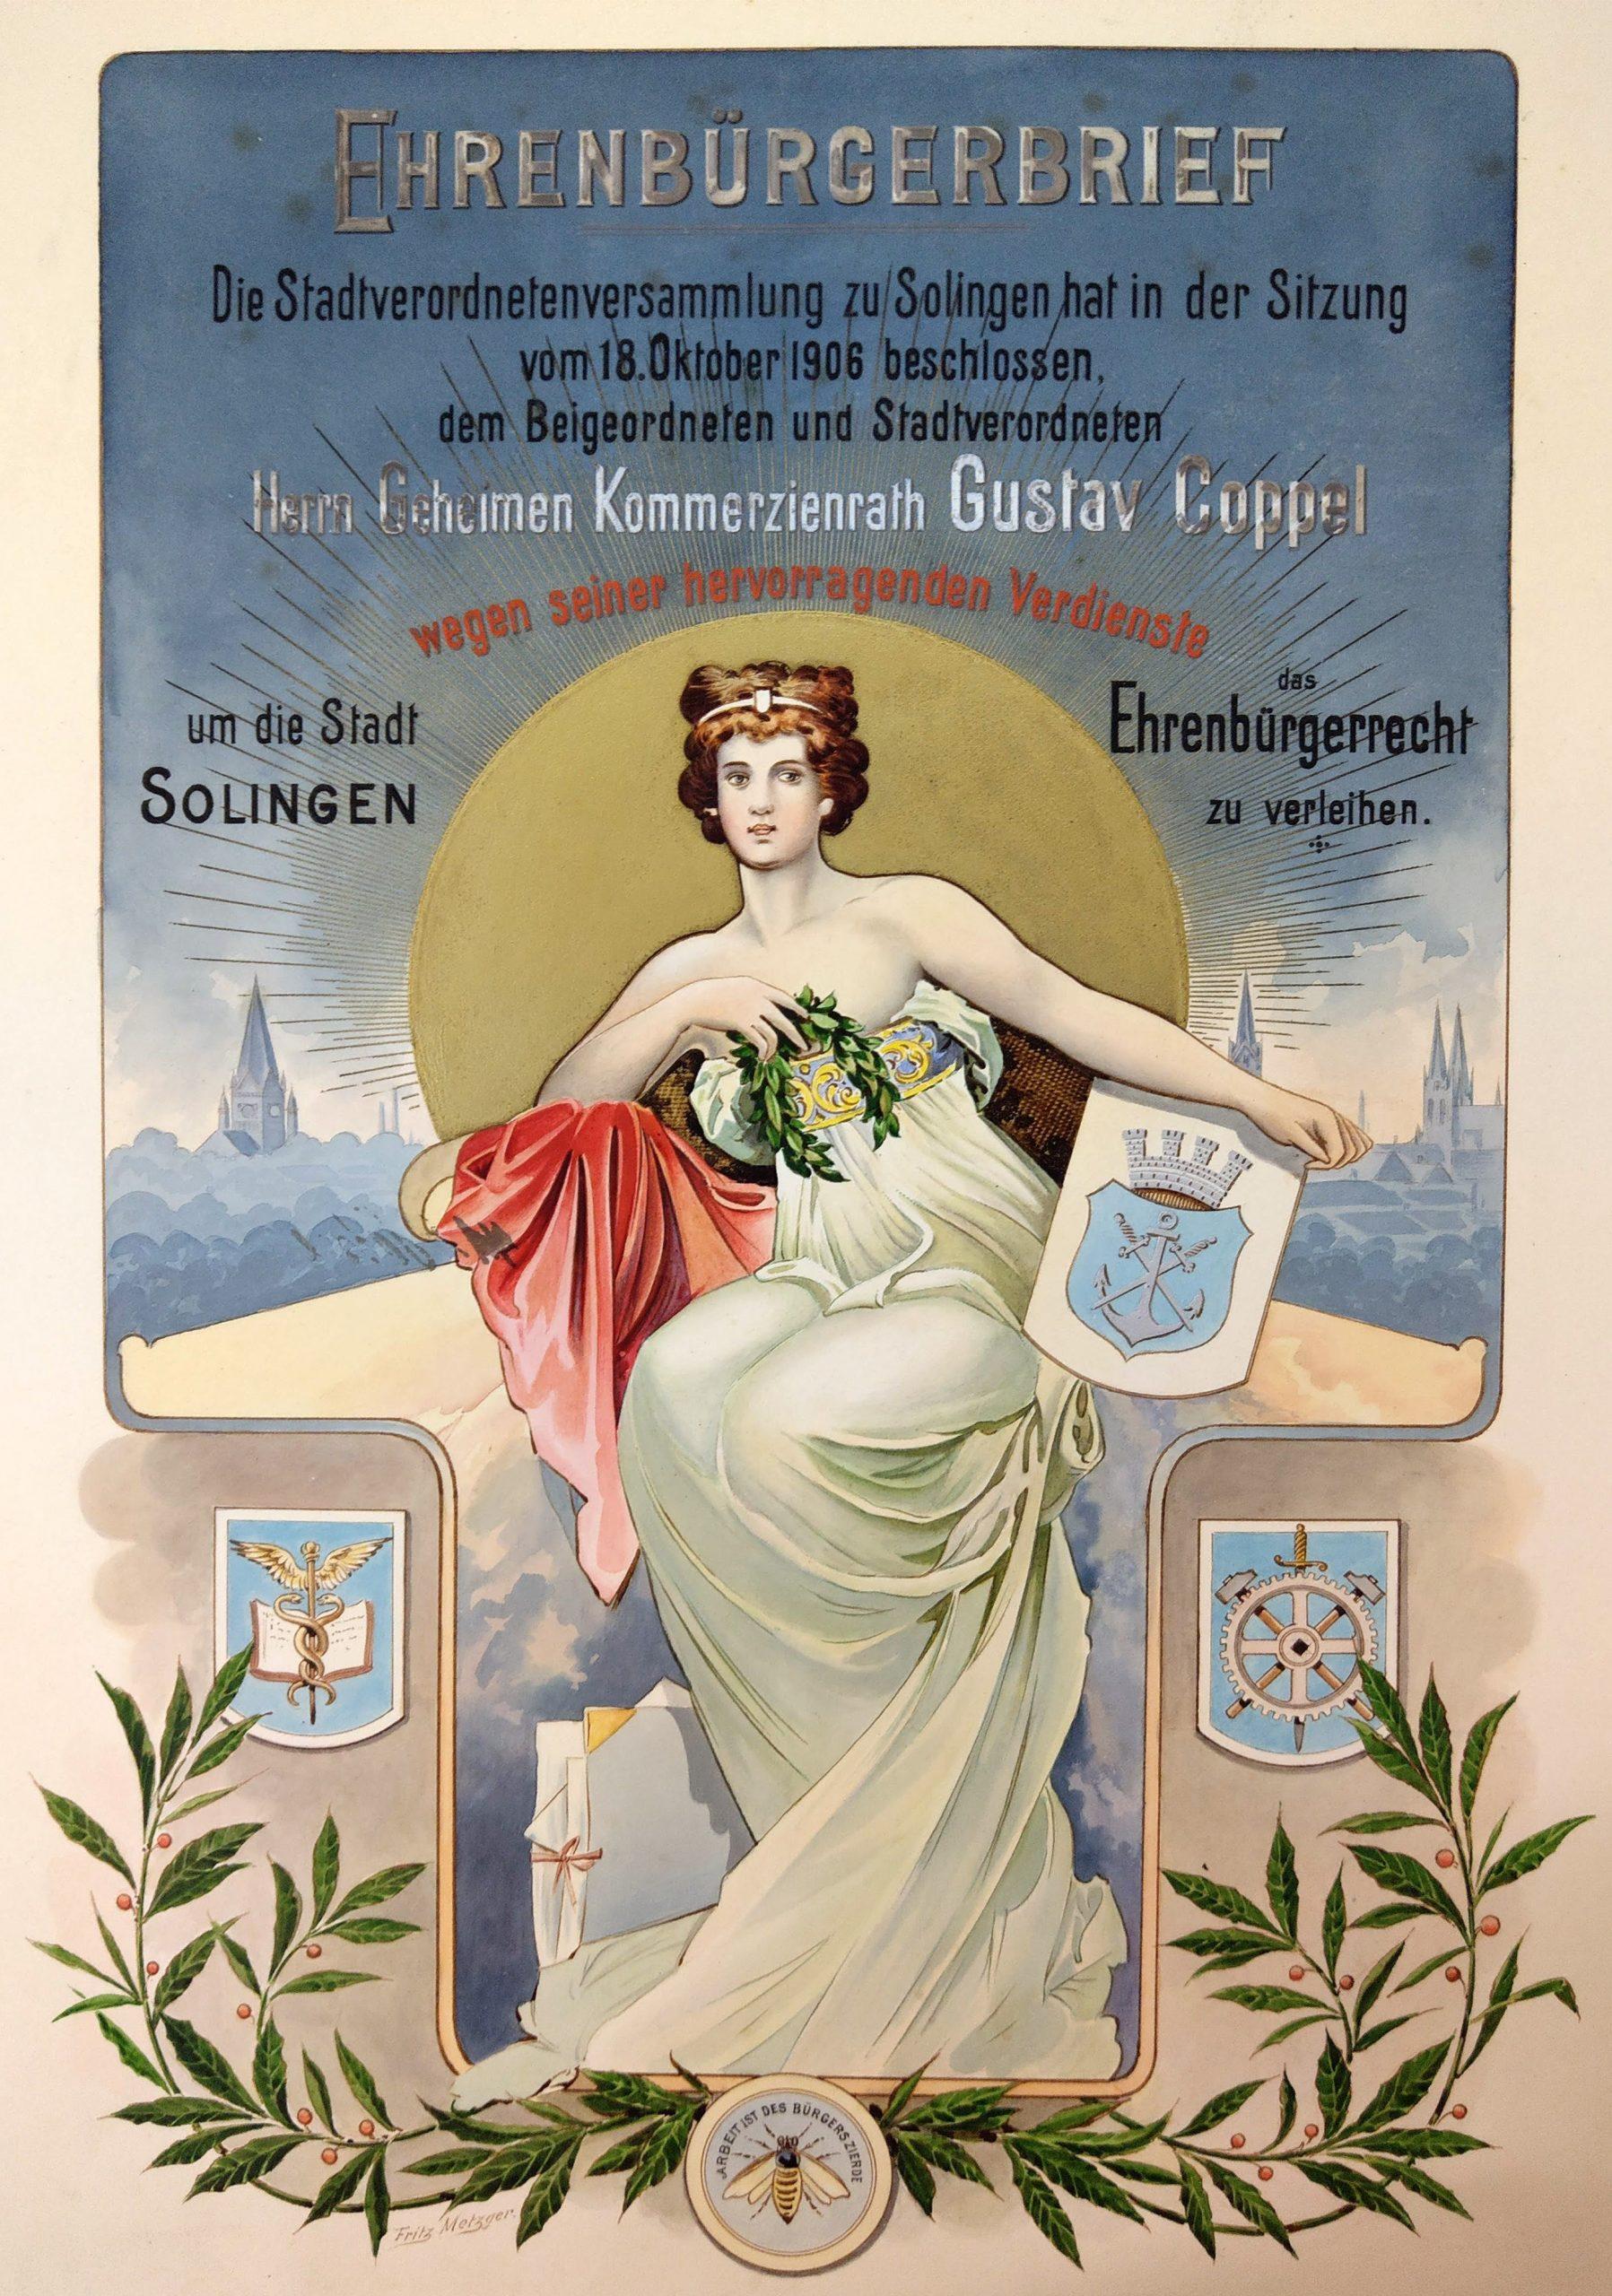 Honorary citizenship certificate for Gustav Coppel